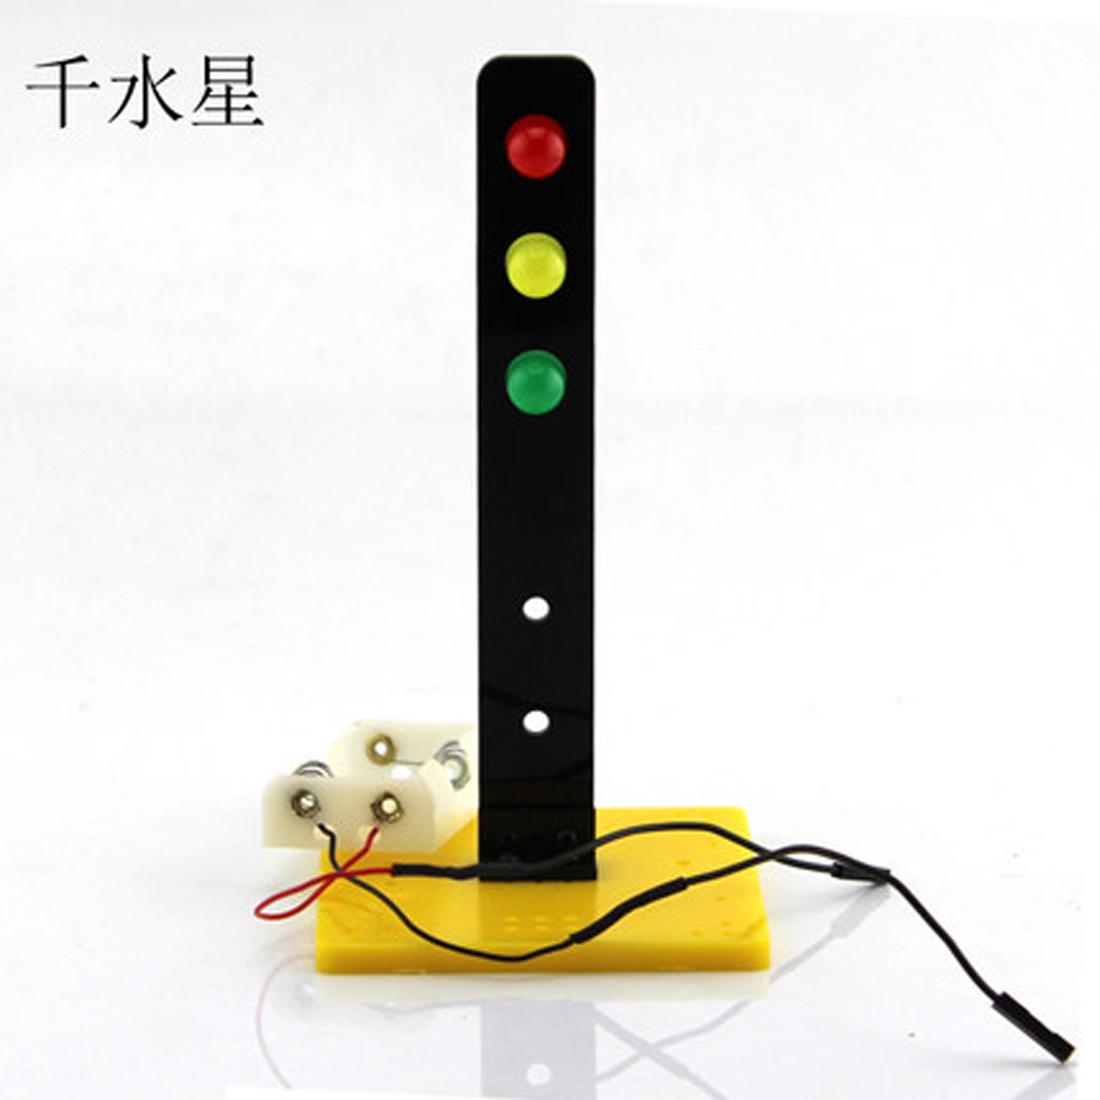 7575红绿灯 科技小制作 小发明 信号灯 红绿灯模型玩具 diy科普